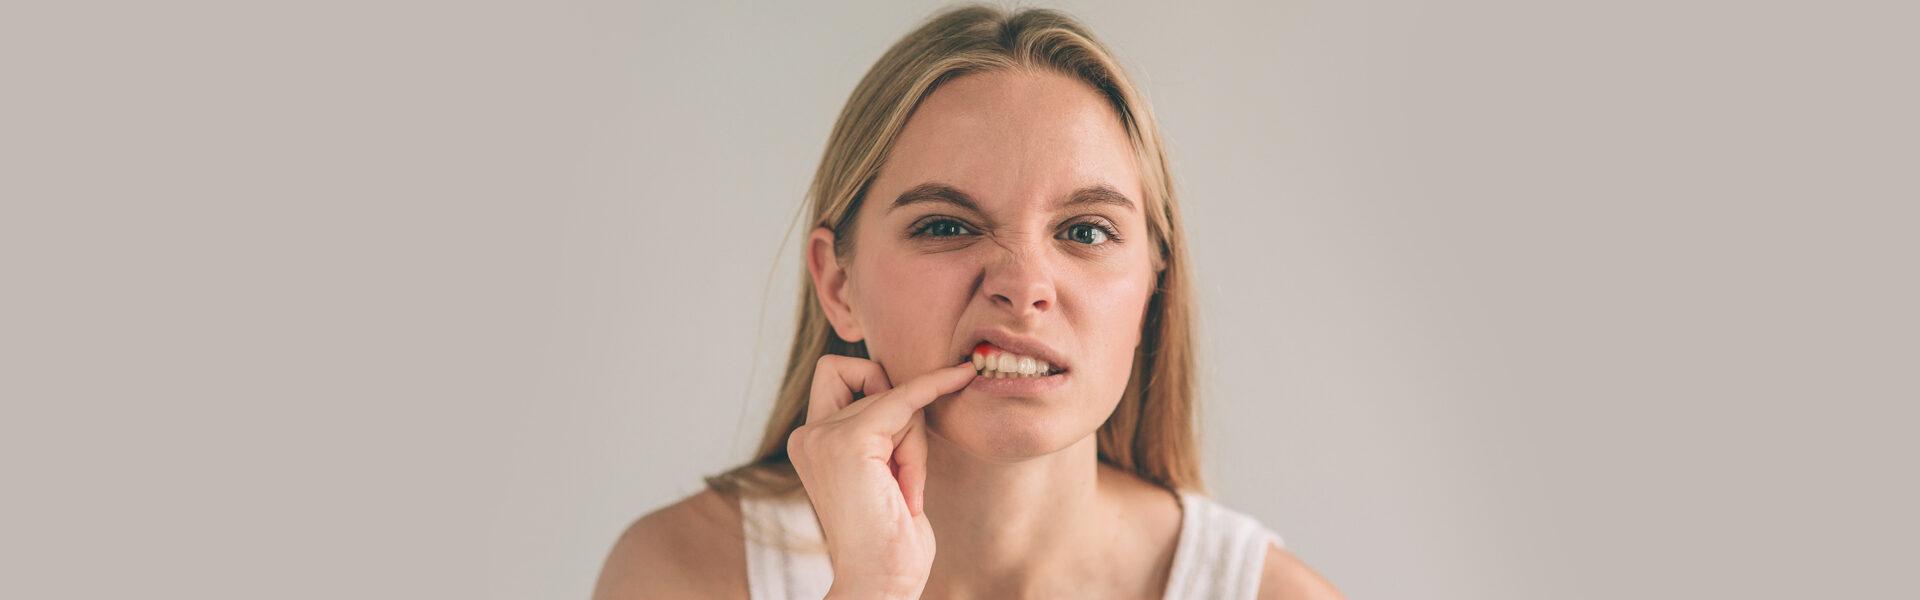 Gum Therapy and Periodontics in Concord, MA